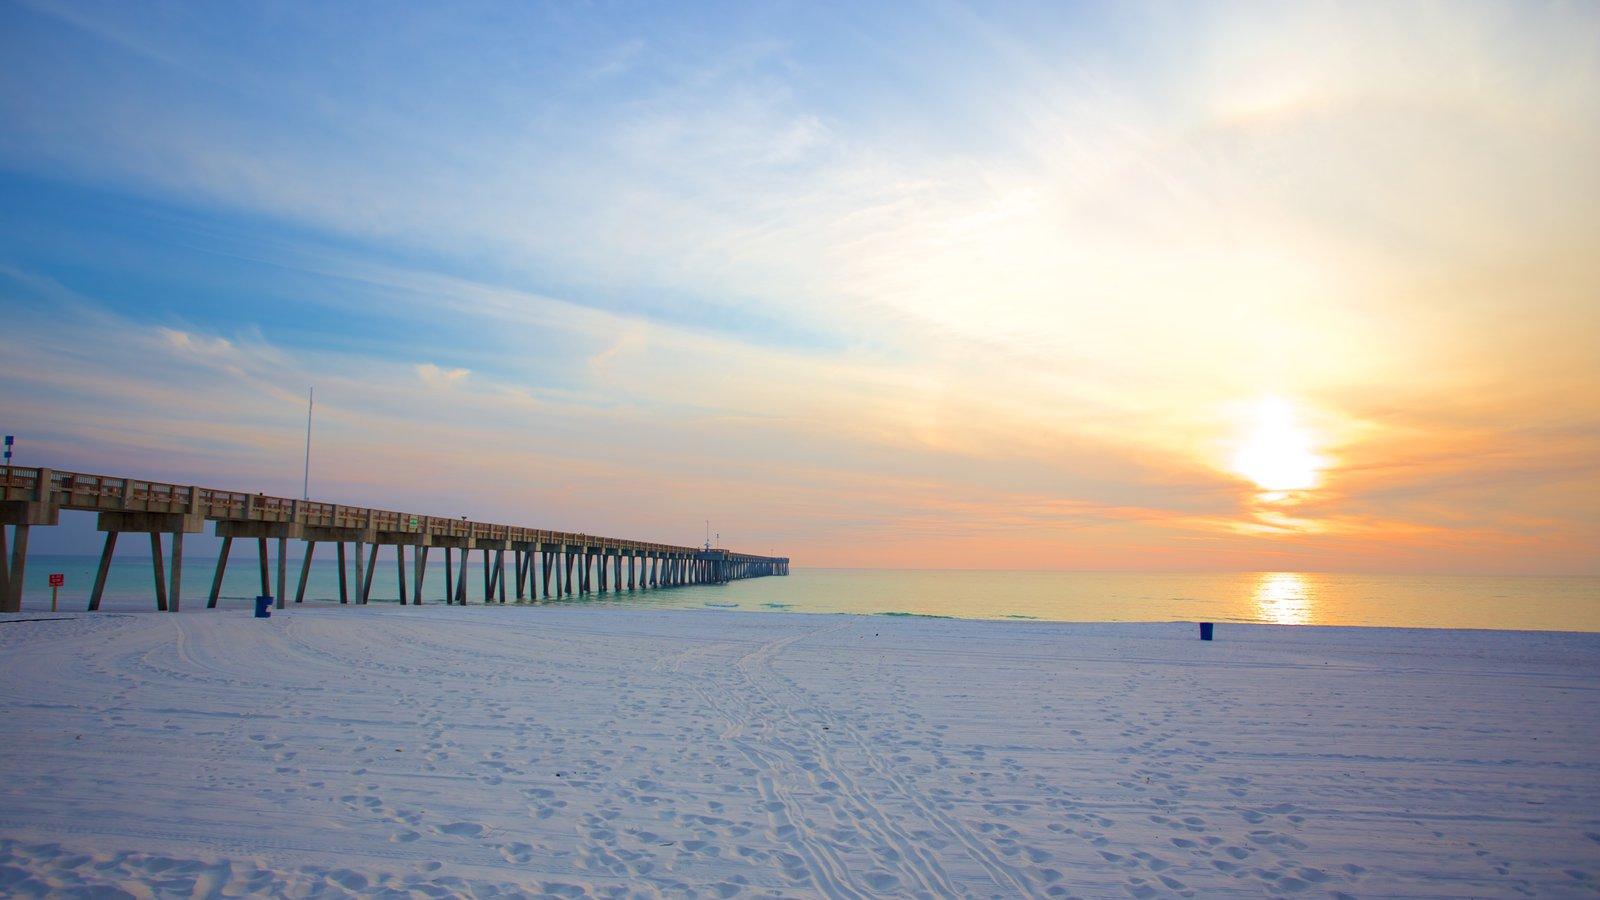 Pier Park mostrando uma praia de areia e um pôr do sol